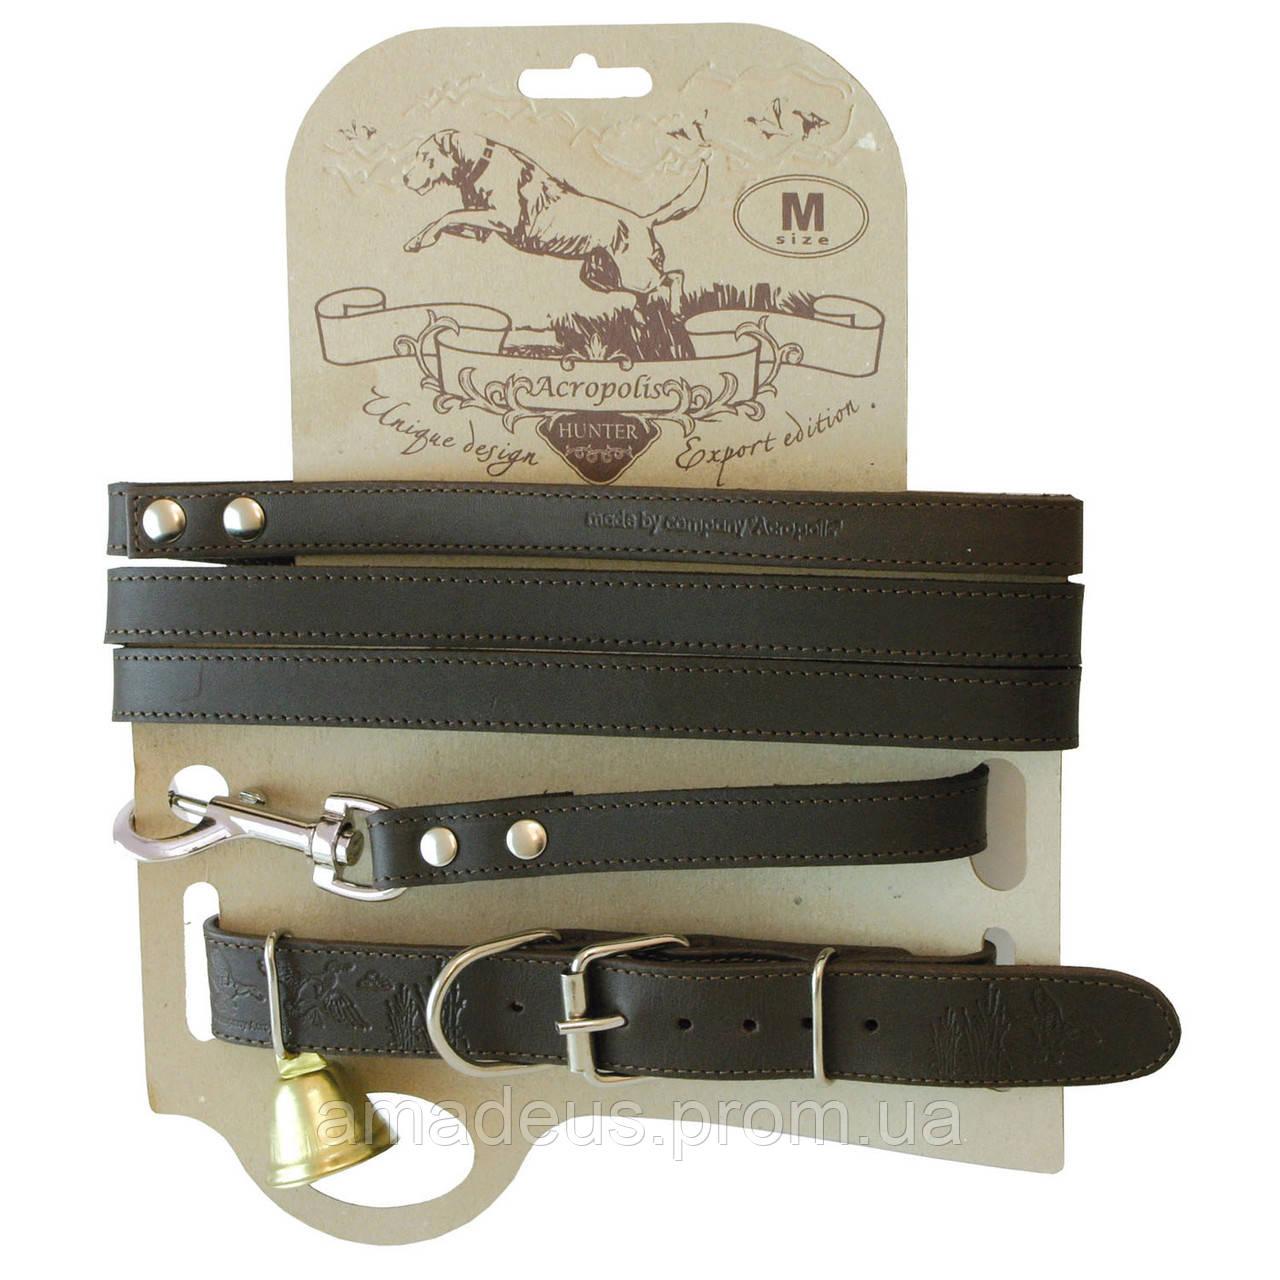 Кожаный ошейник с поводком для охотничьих собак СКО-2